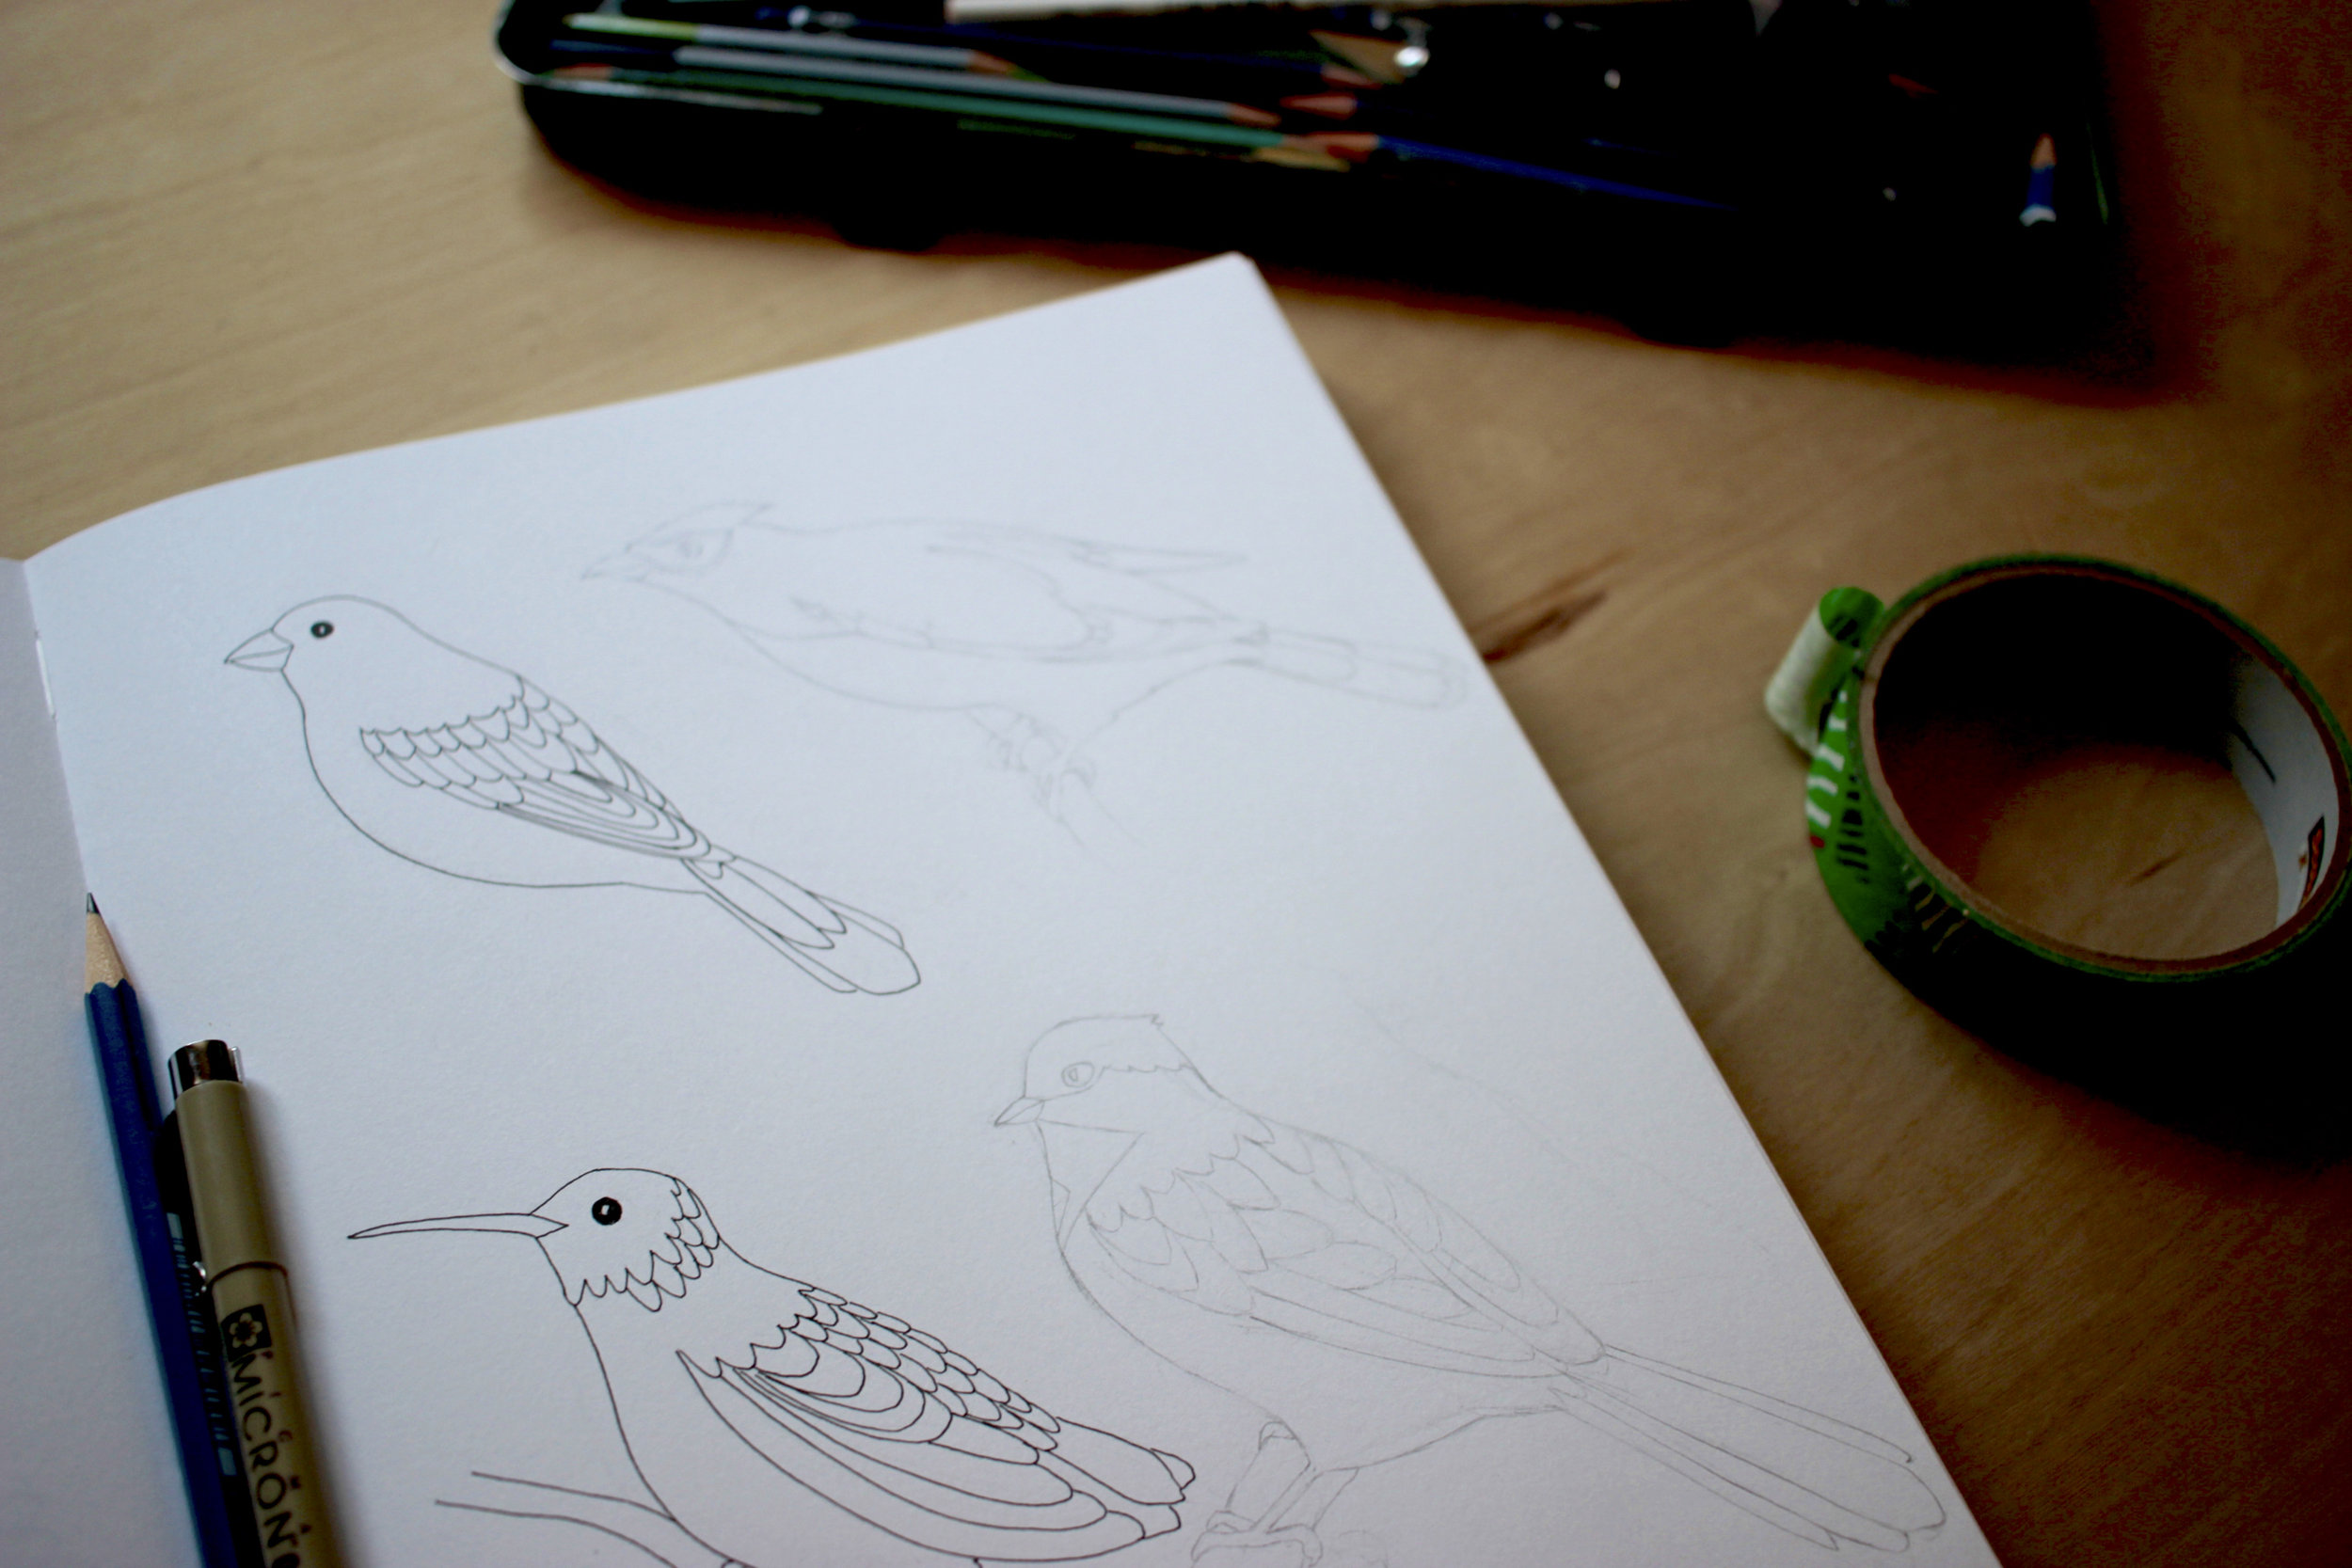 sketchbook of bird drawings